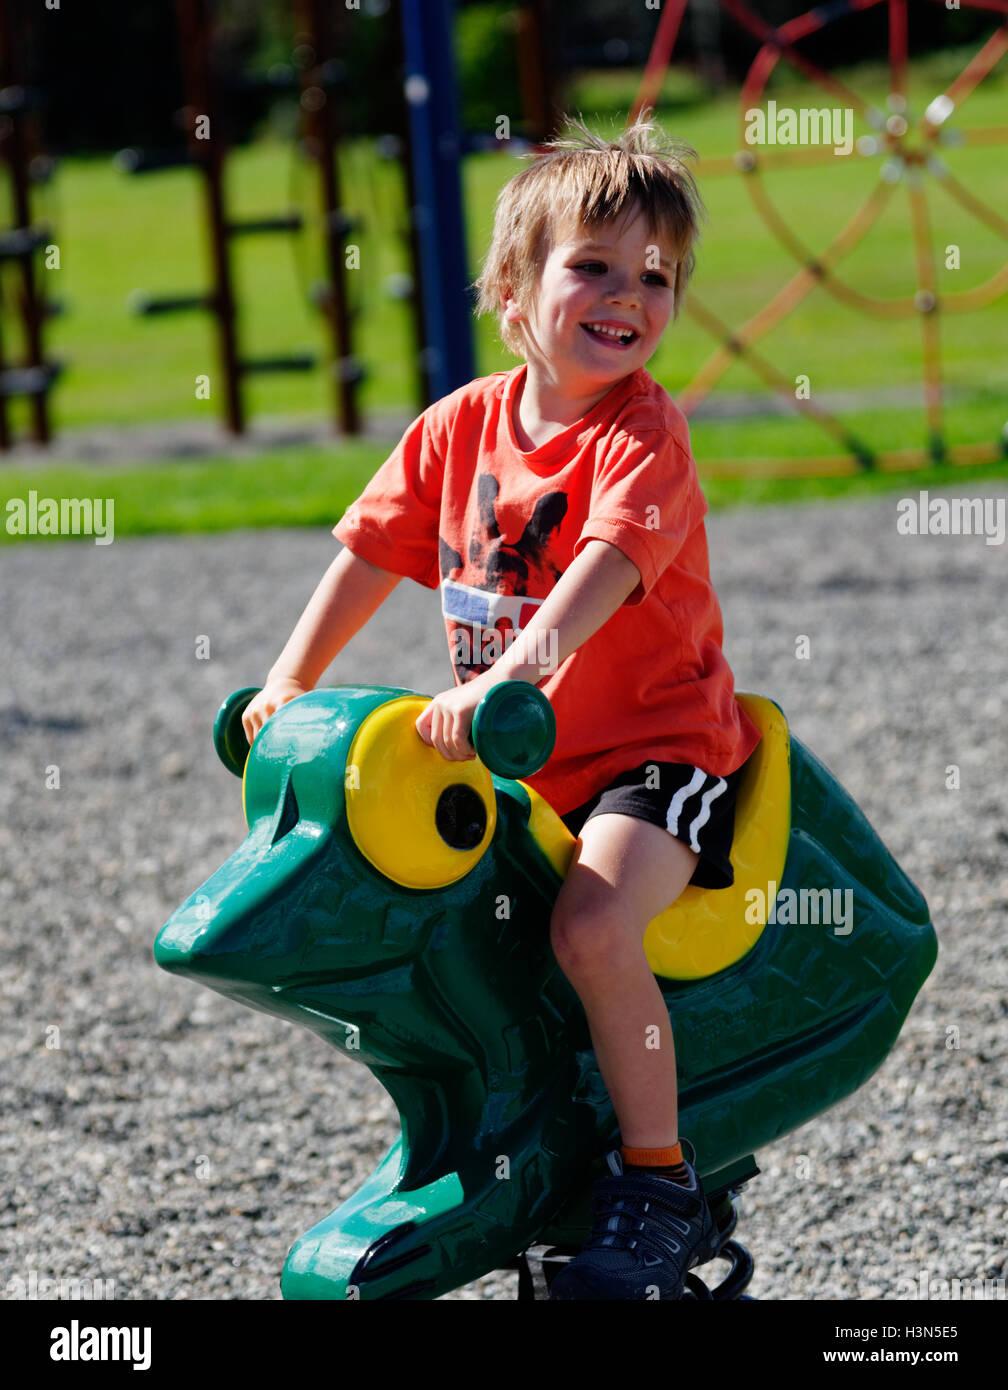 Ein lachendes Kind (4 Jahre alt) hüpfen auf einem Spielplatz Spielzeug Stockbild